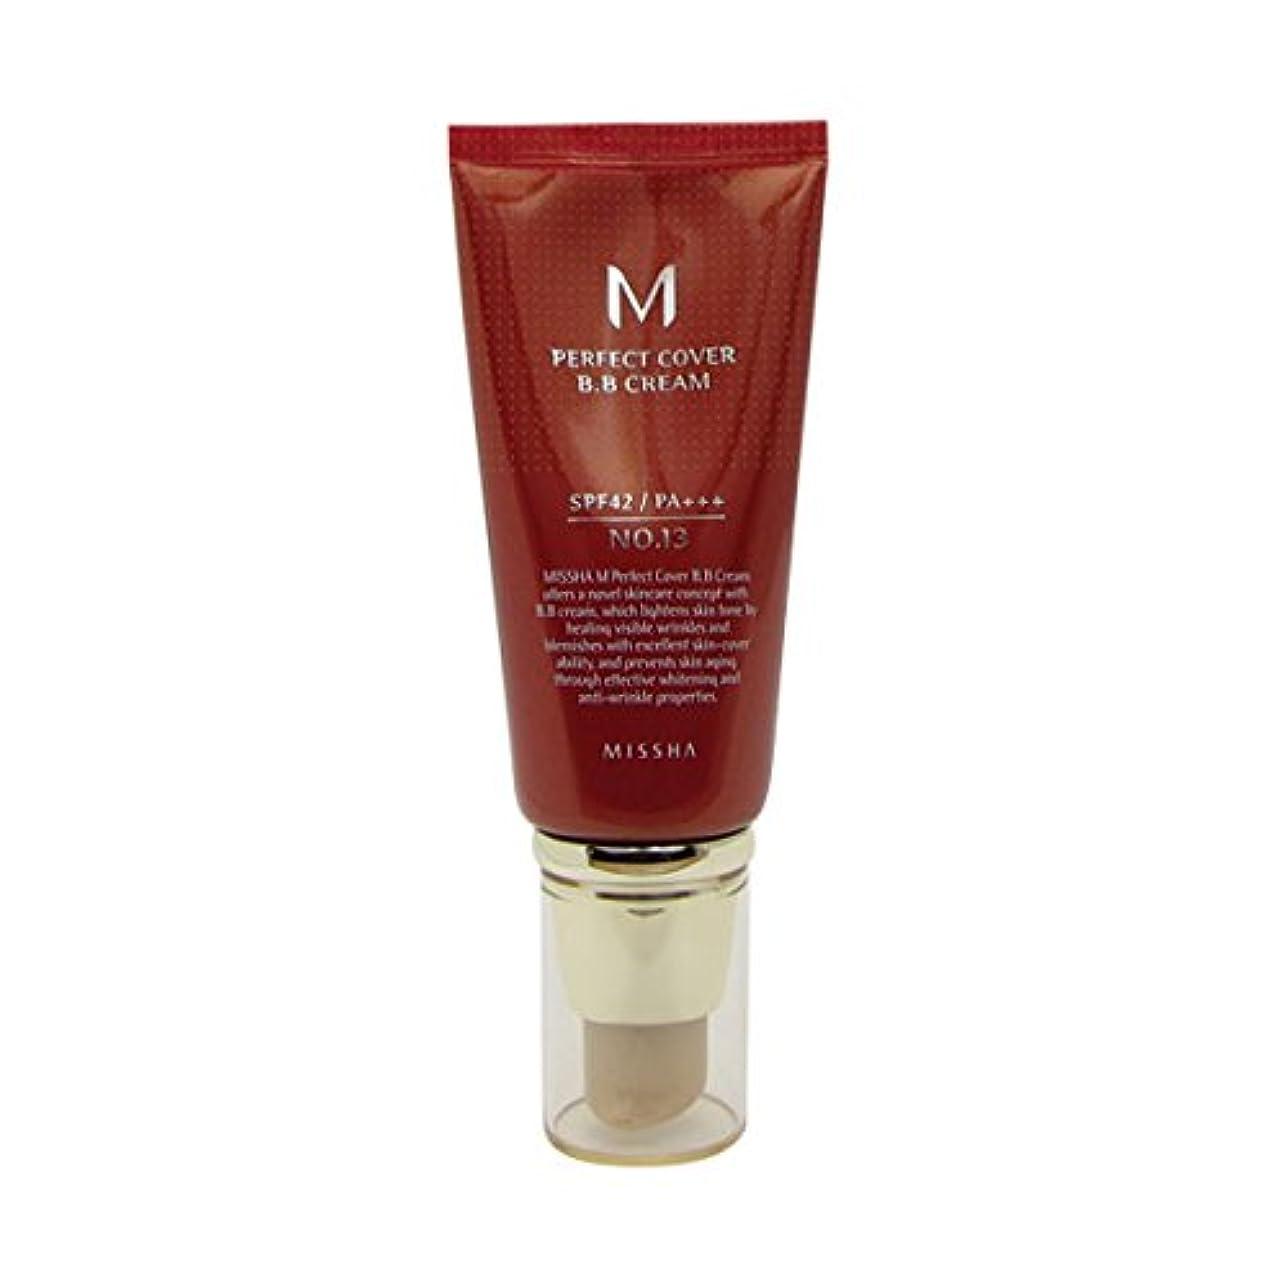 パッケージバルセロナデッドロックMissha M Perfect Cover Bb Cream Spf42/pa+++ No.13 Bright Beige 50ml [並行輸入品]